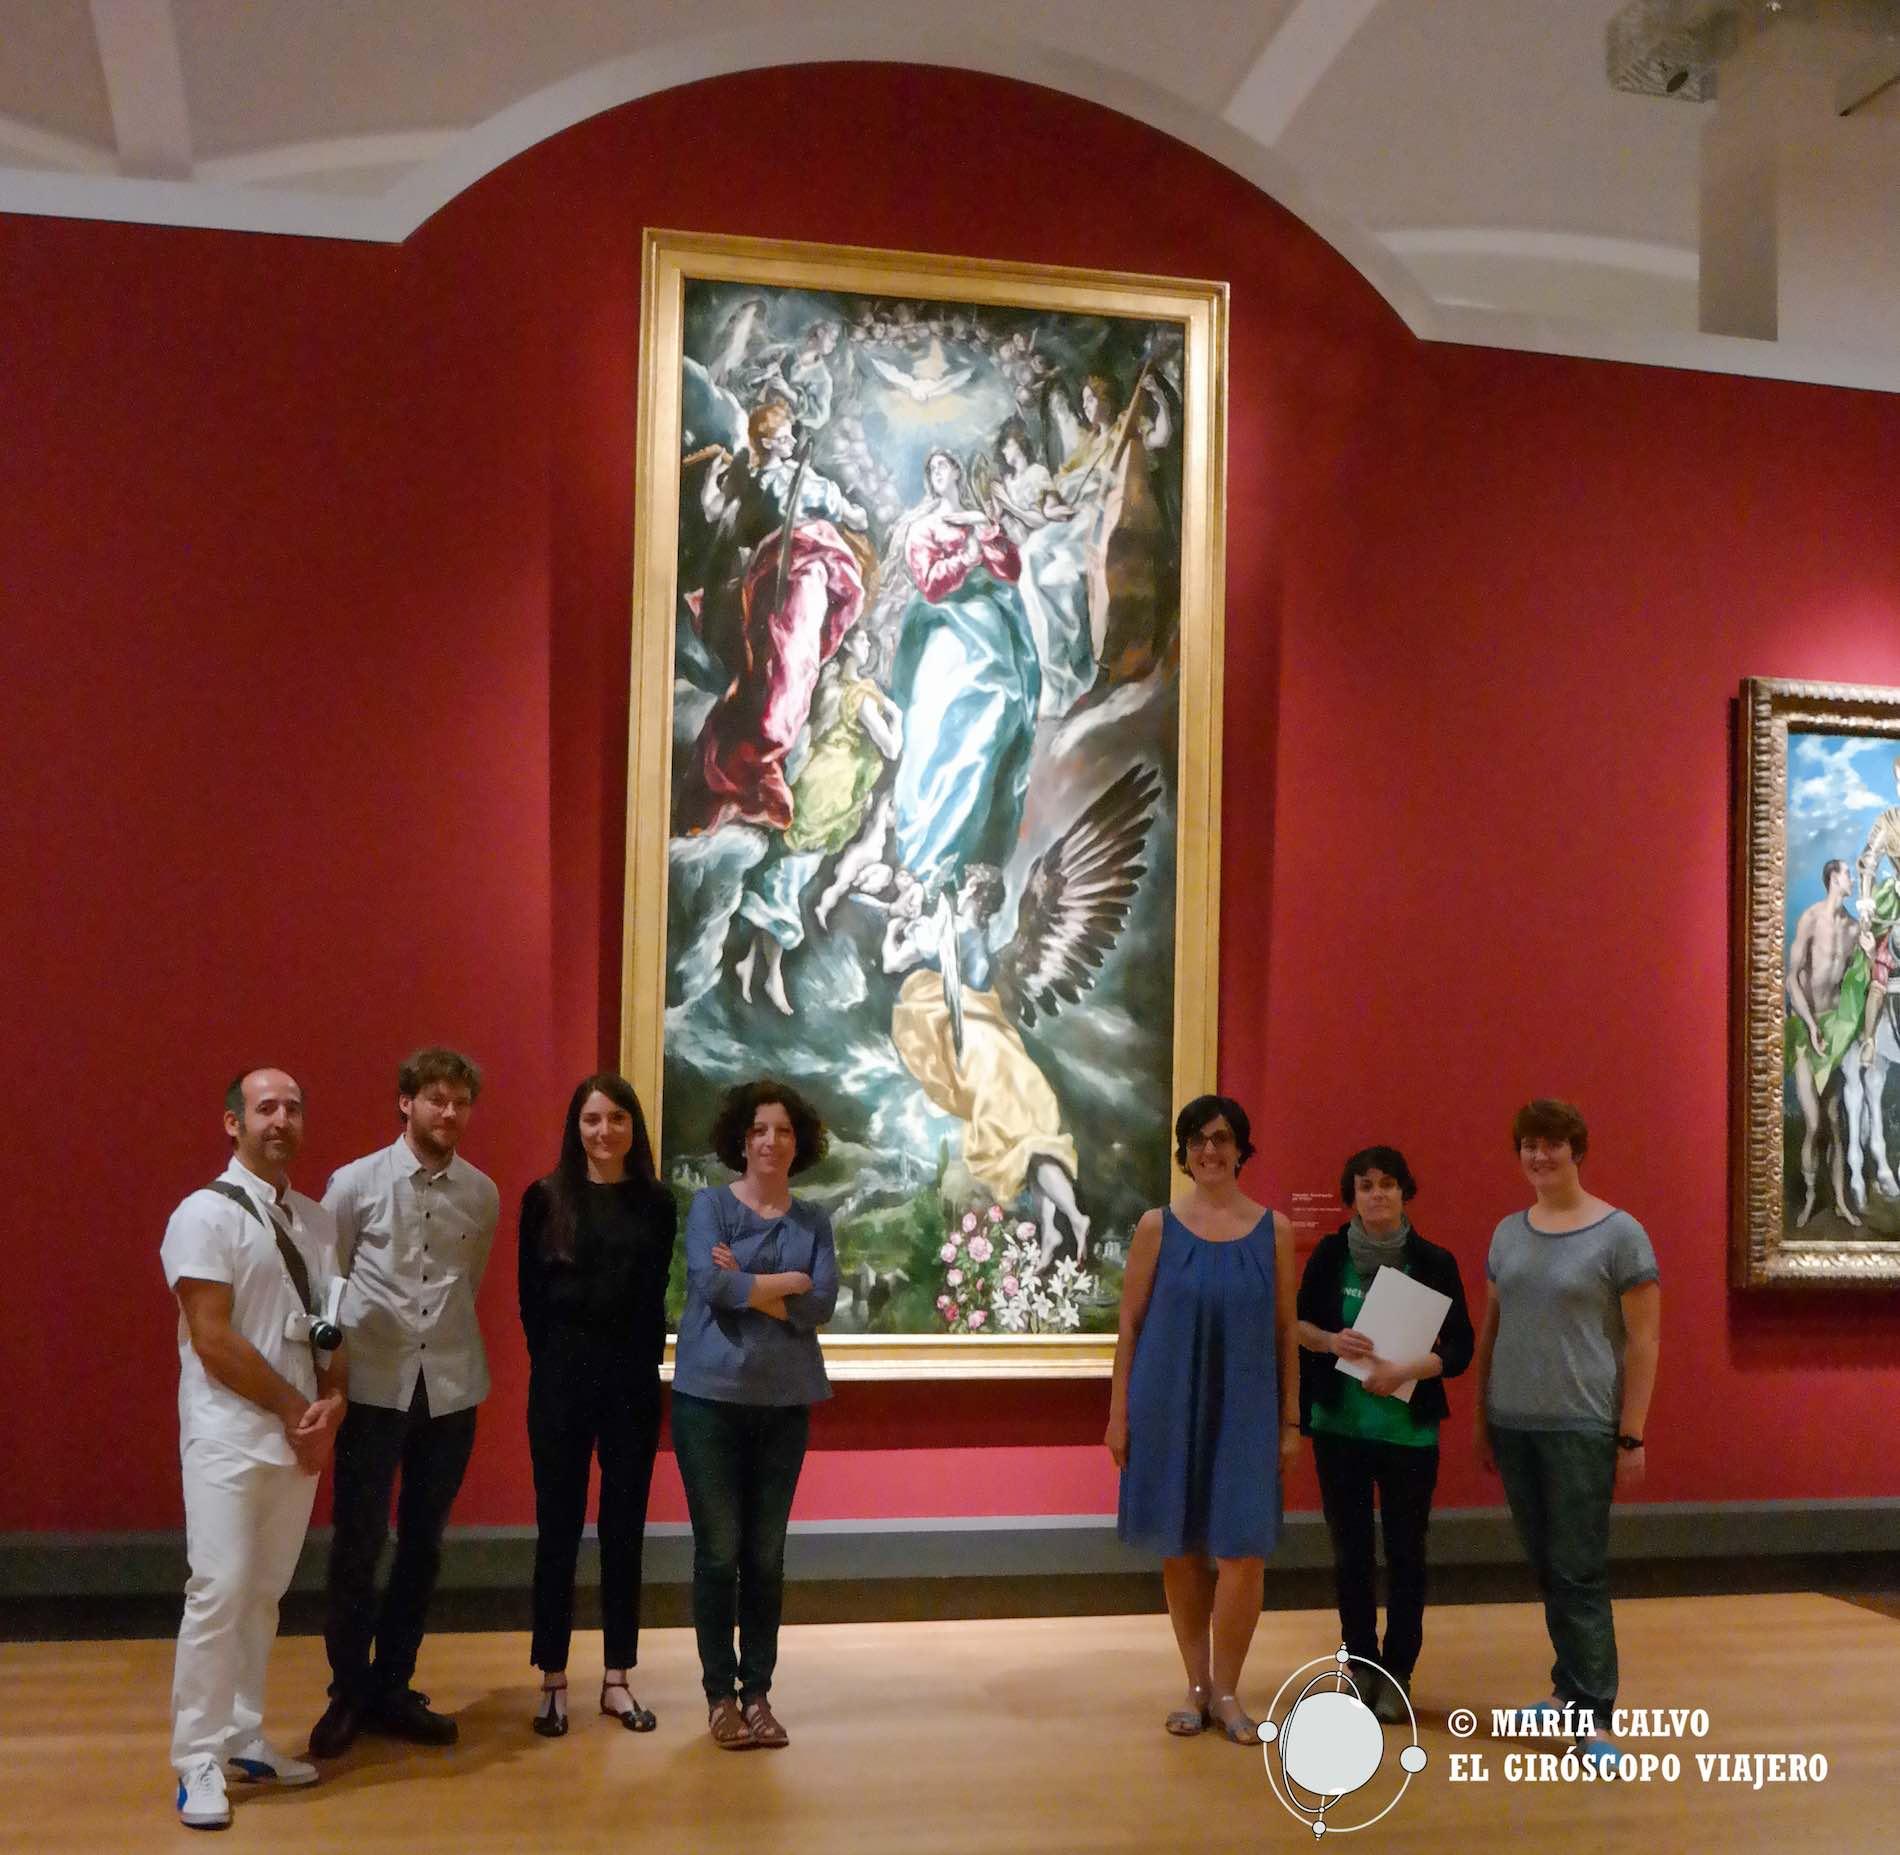 Con María Lopez-Fanjul, comisario de la espectacular exposición del Siglo de Oro en la Gemaldegallerie.